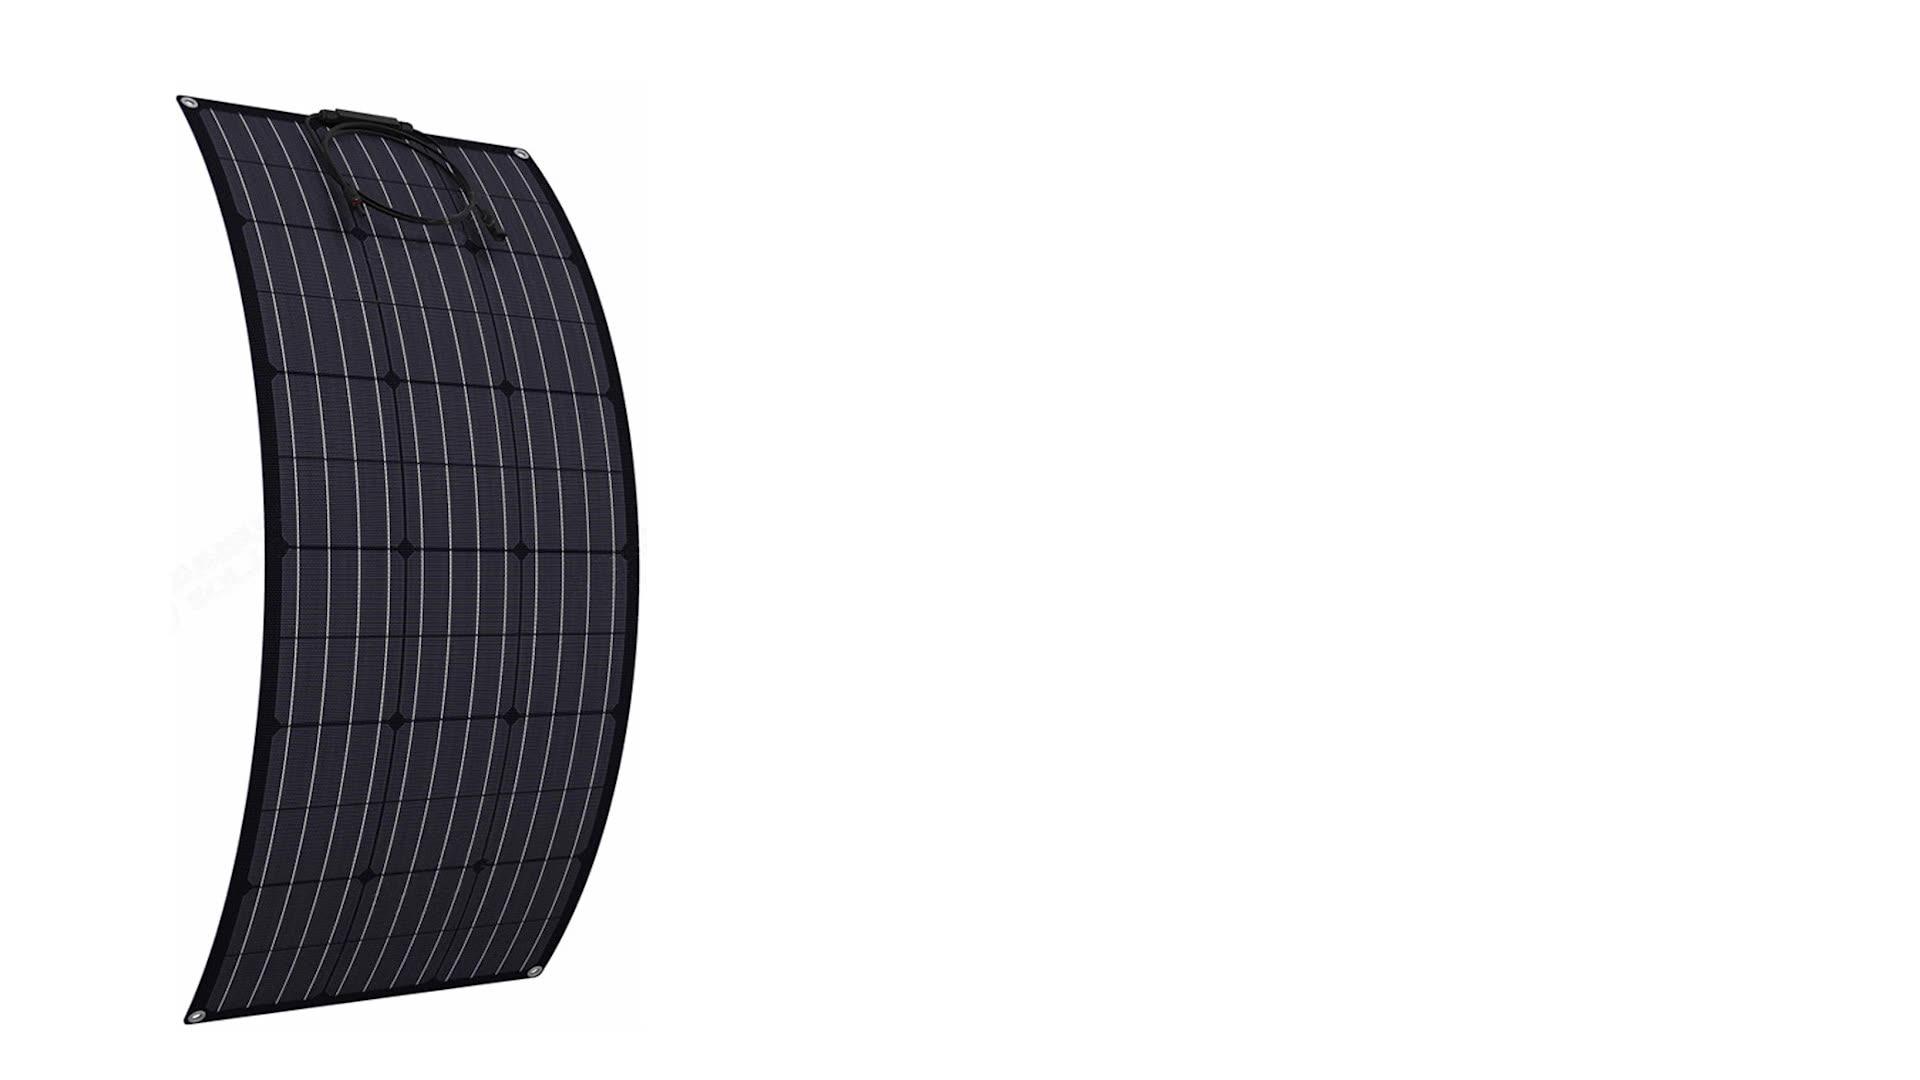 الخلايا الشمسية عالية الأداء 22% 145 واط انخفاض سعر لوحات الطاقة أحادية البلورية ETFE مرنة